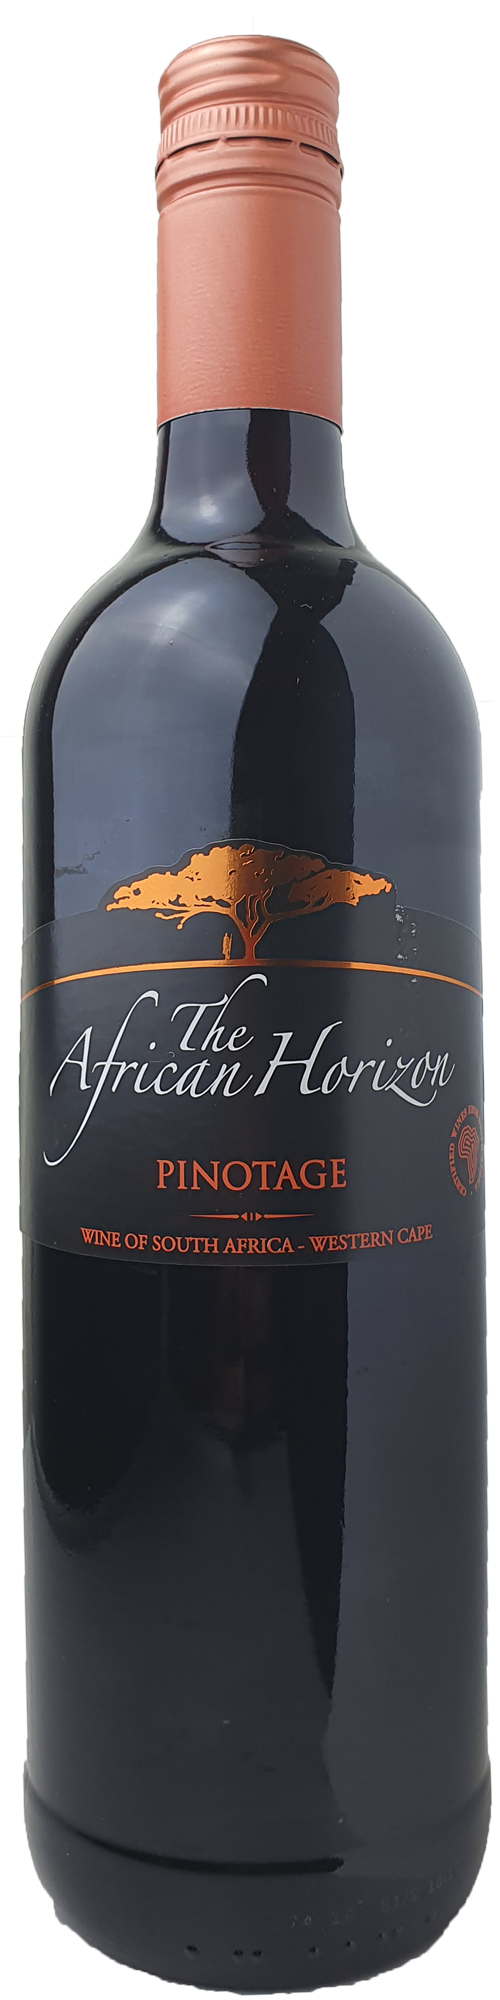 2020 African Horizon Pinotage